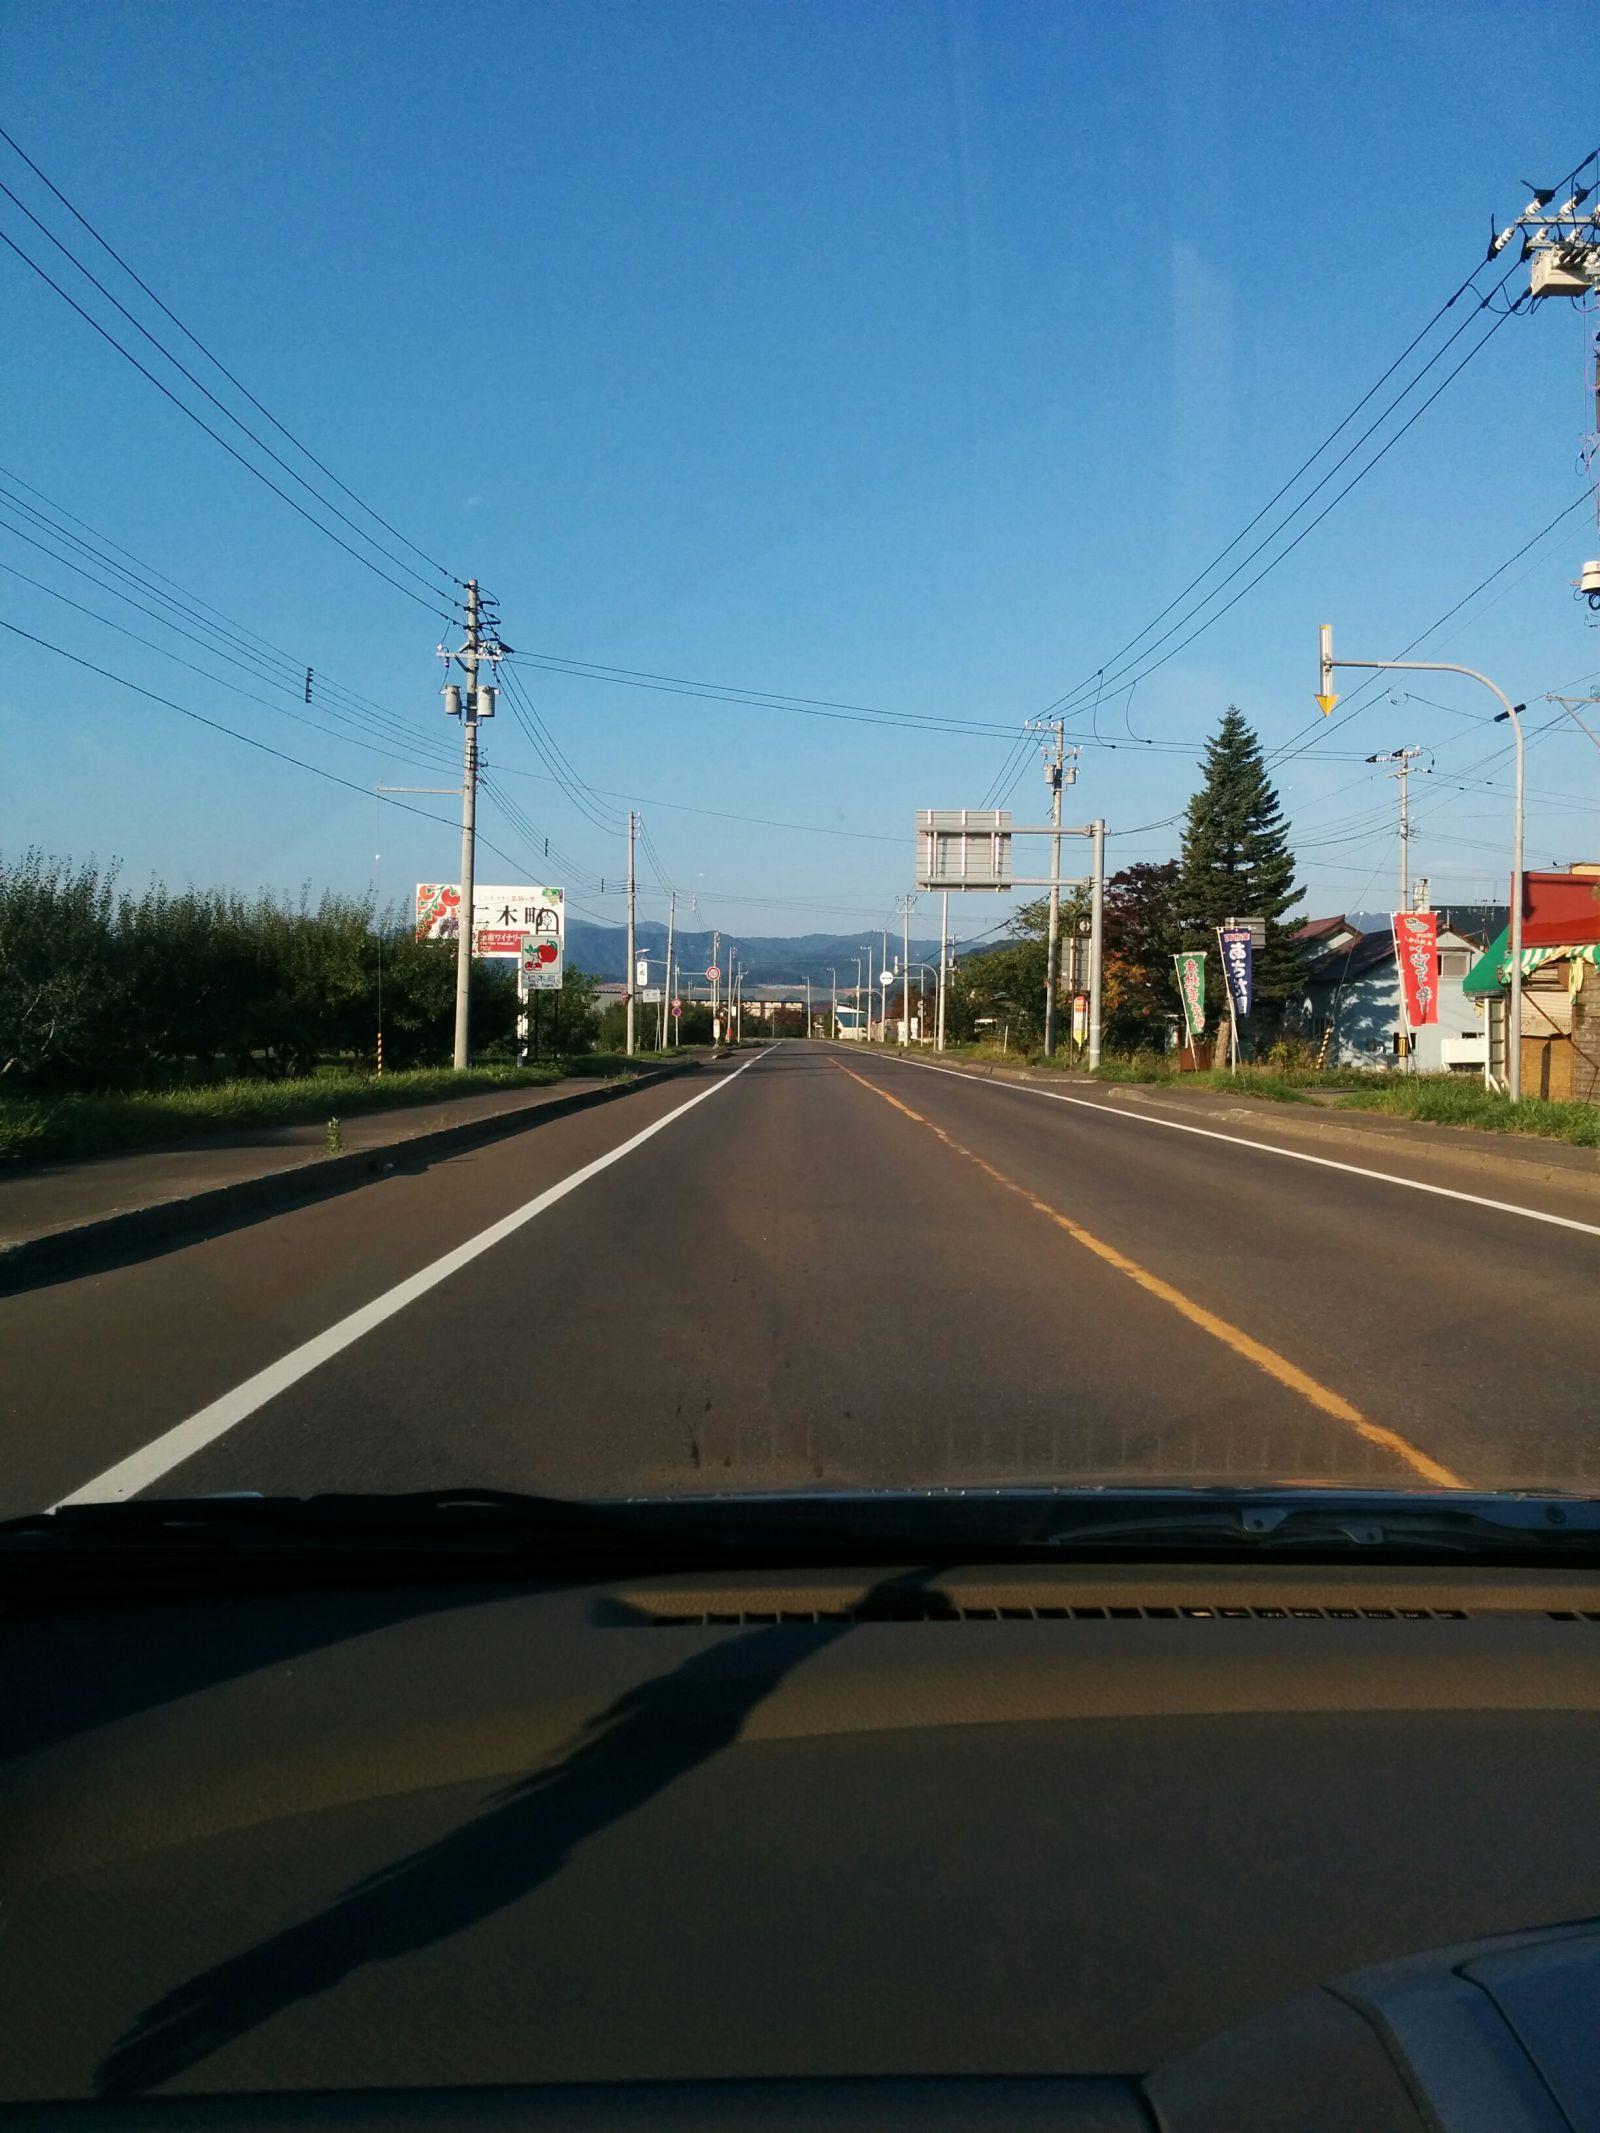 【小樽観光タクシー高橋の此れからニセコチセヌプリ登山観光タクシー】